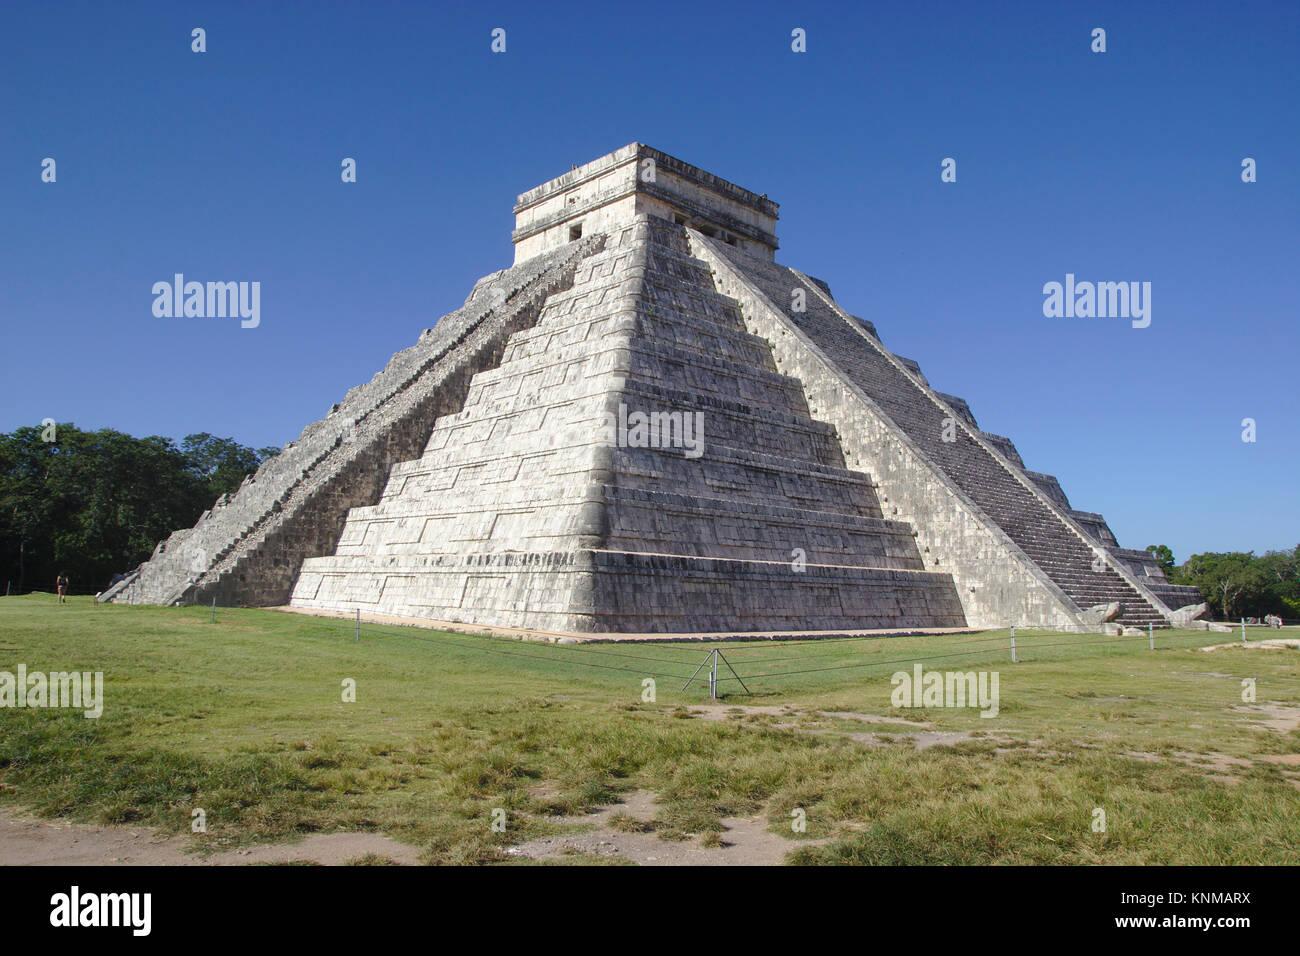 Chichén Itzá, pyramid El Castillo, Mexico - Stock Image